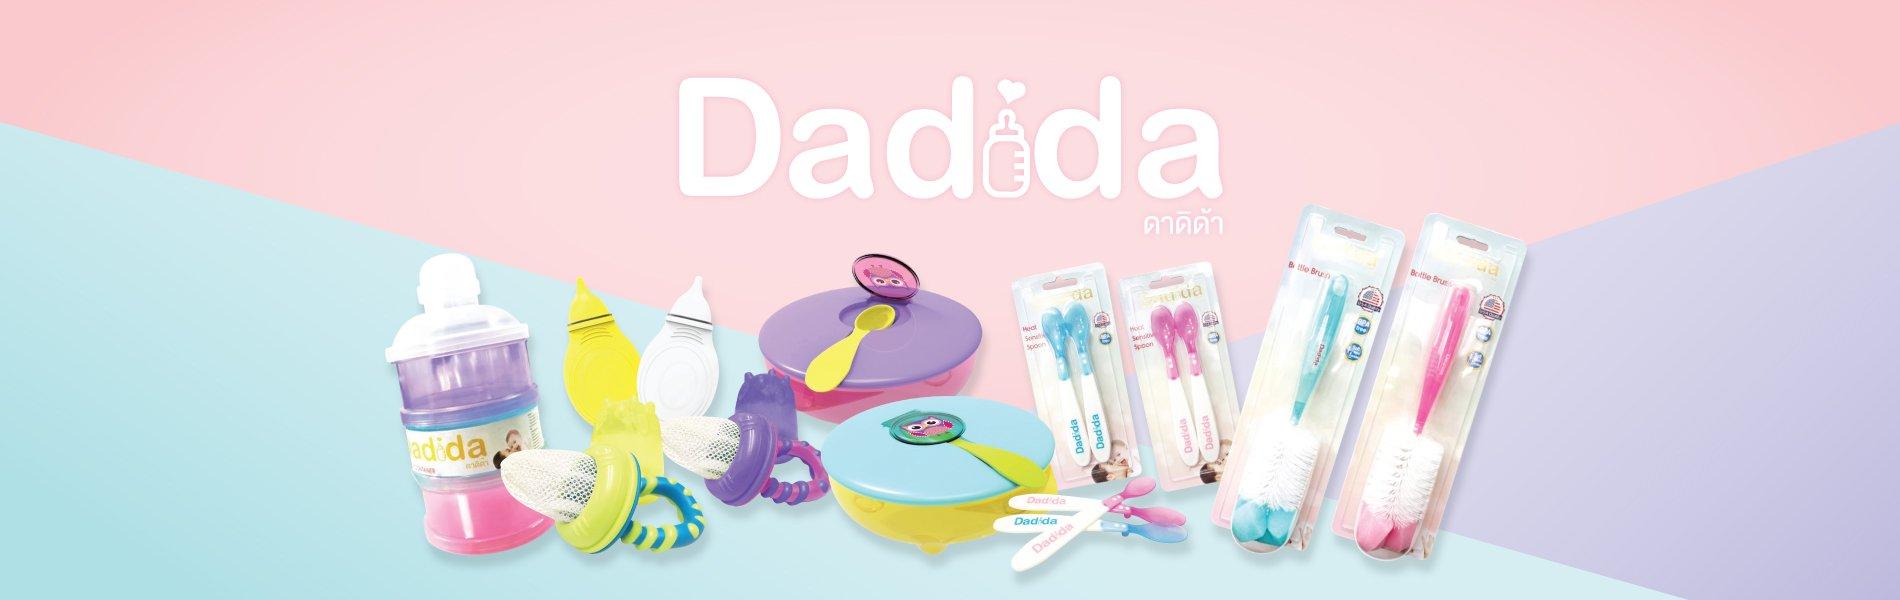 Dadida ดาดิด้า อุปกรณ์เบ็ดเตล็ด